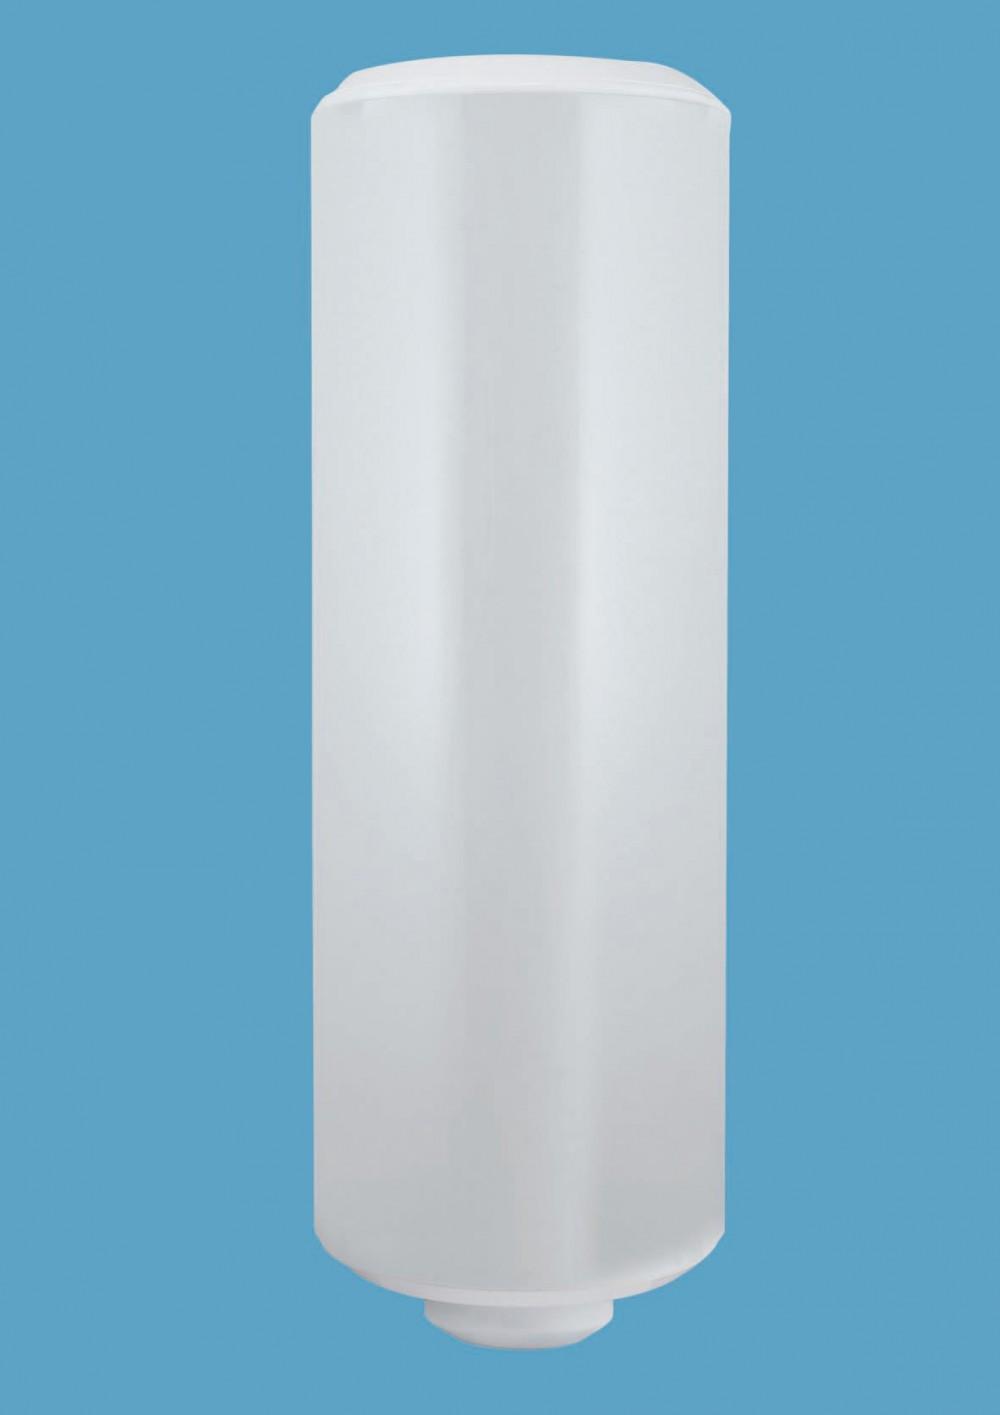 Chauffe-eau électrique vertical mural Blindé, 200 l